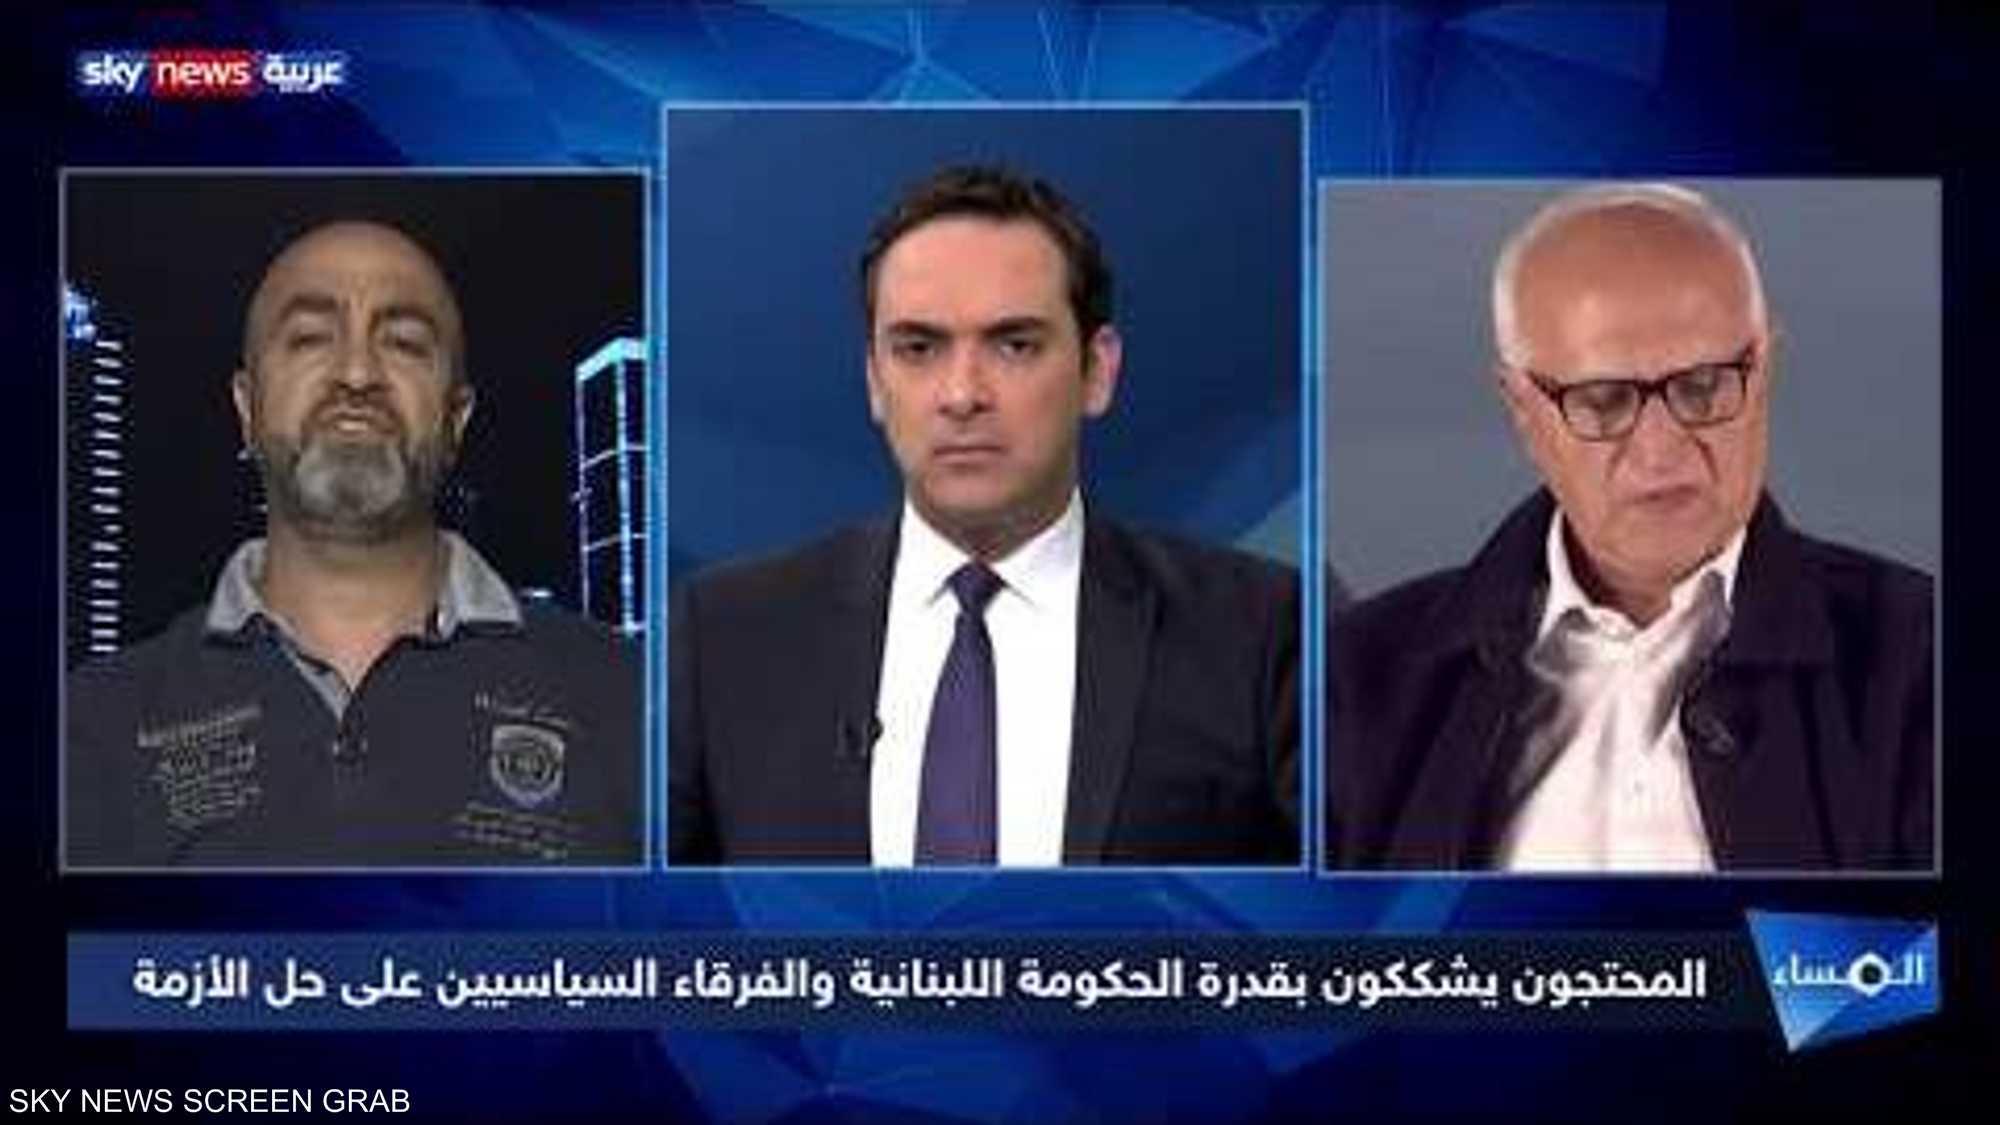 احتجاجات لبنان ترفض المحاصصة وتعطيل الدولة